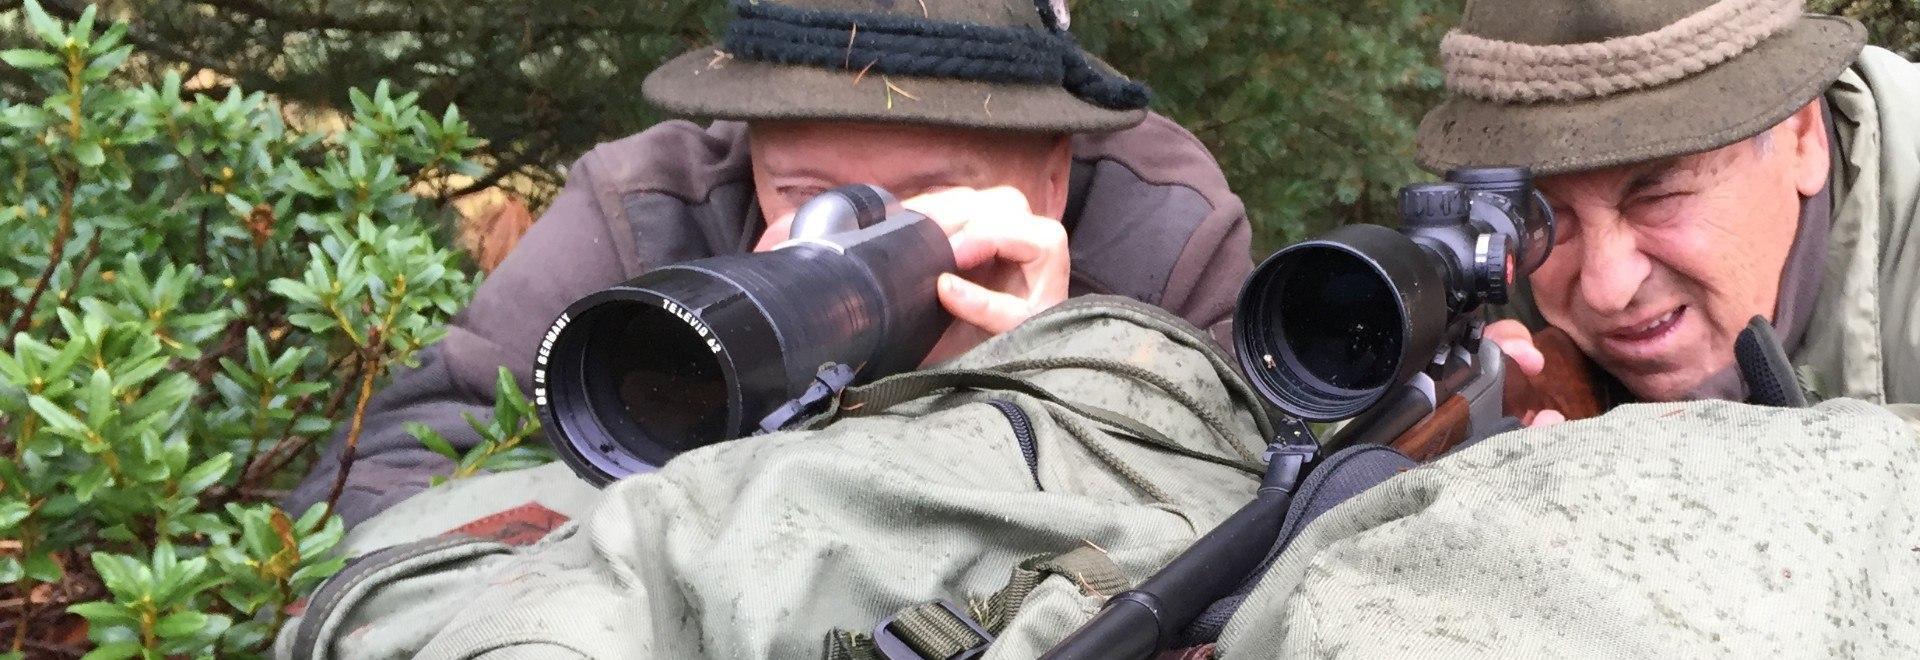 Live Hunting Emotion